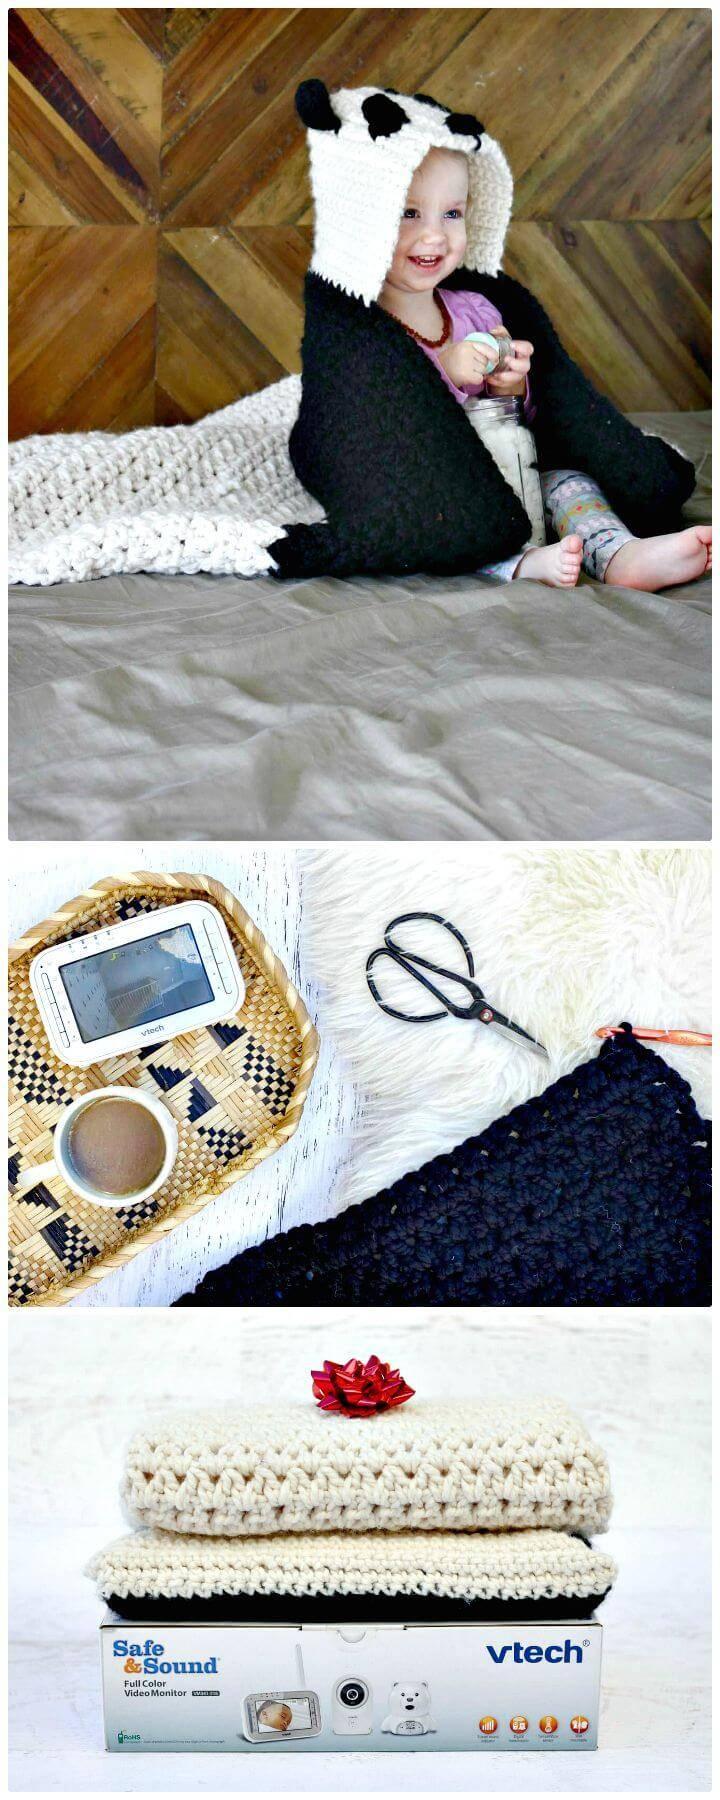 Easy Crochet Panda Hooded Baby Afghan – Free Pattern